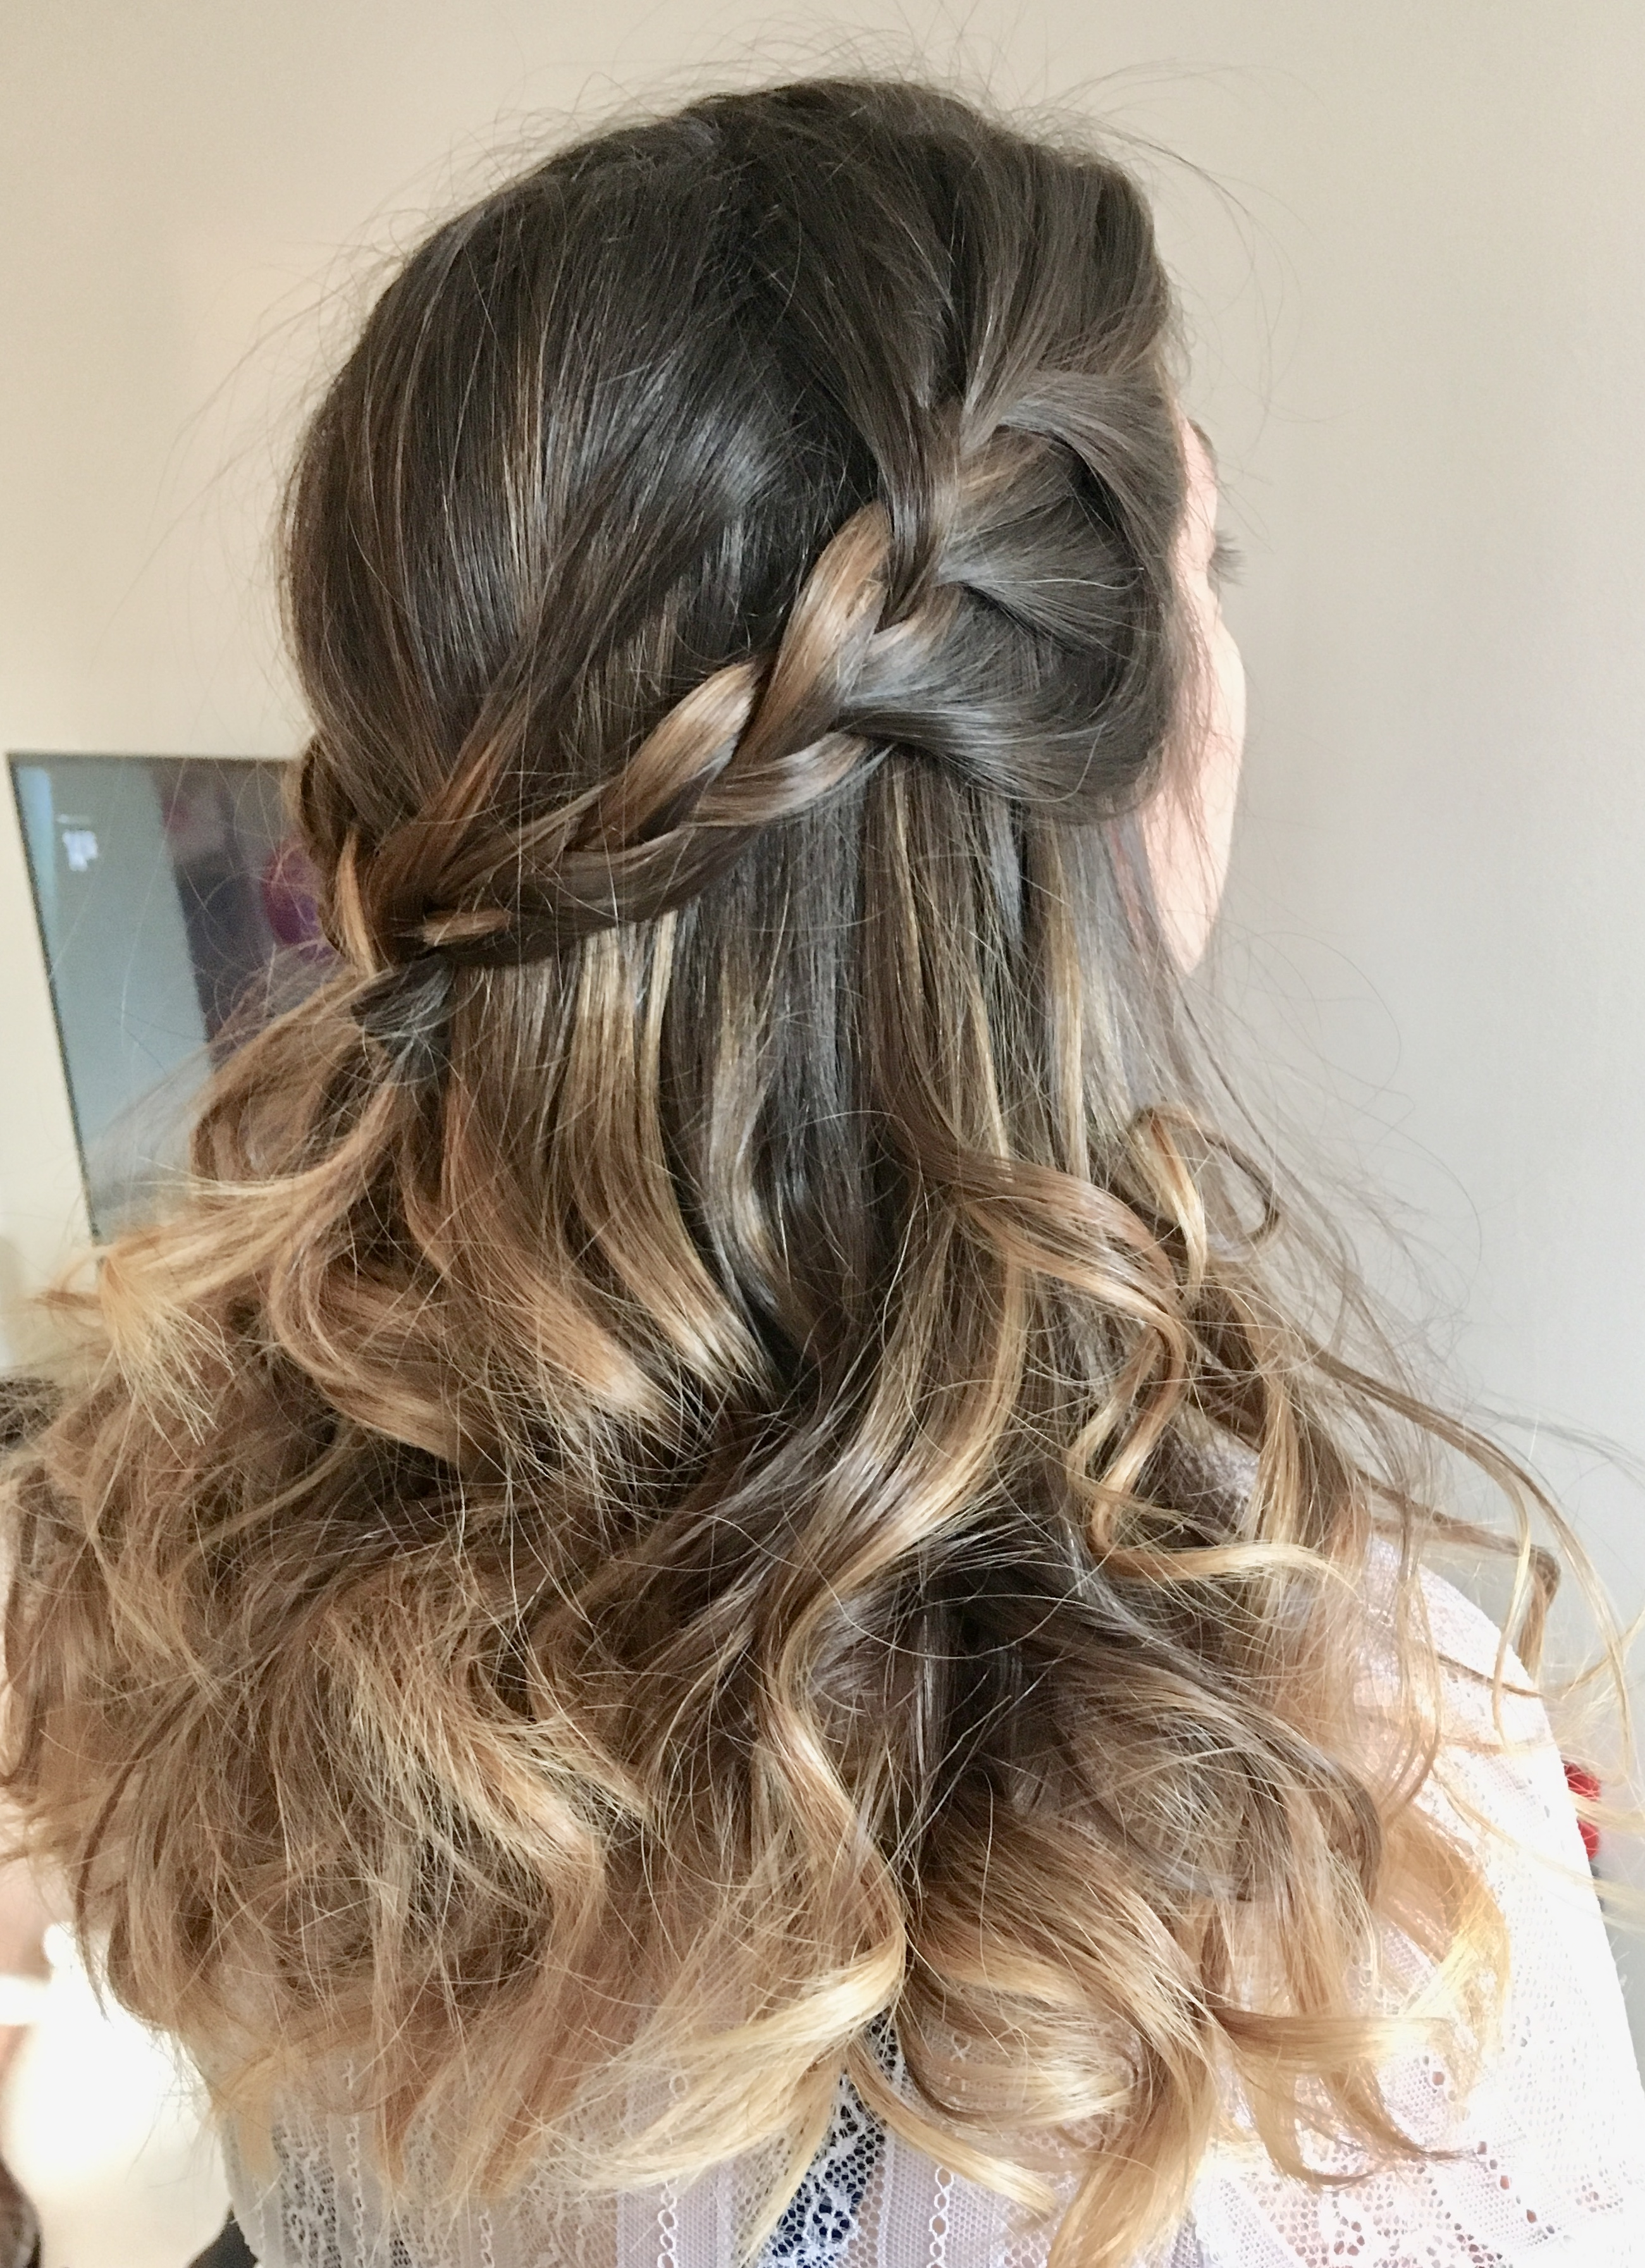 zenicia coiffure 95 -78 coiffeuse à domicile